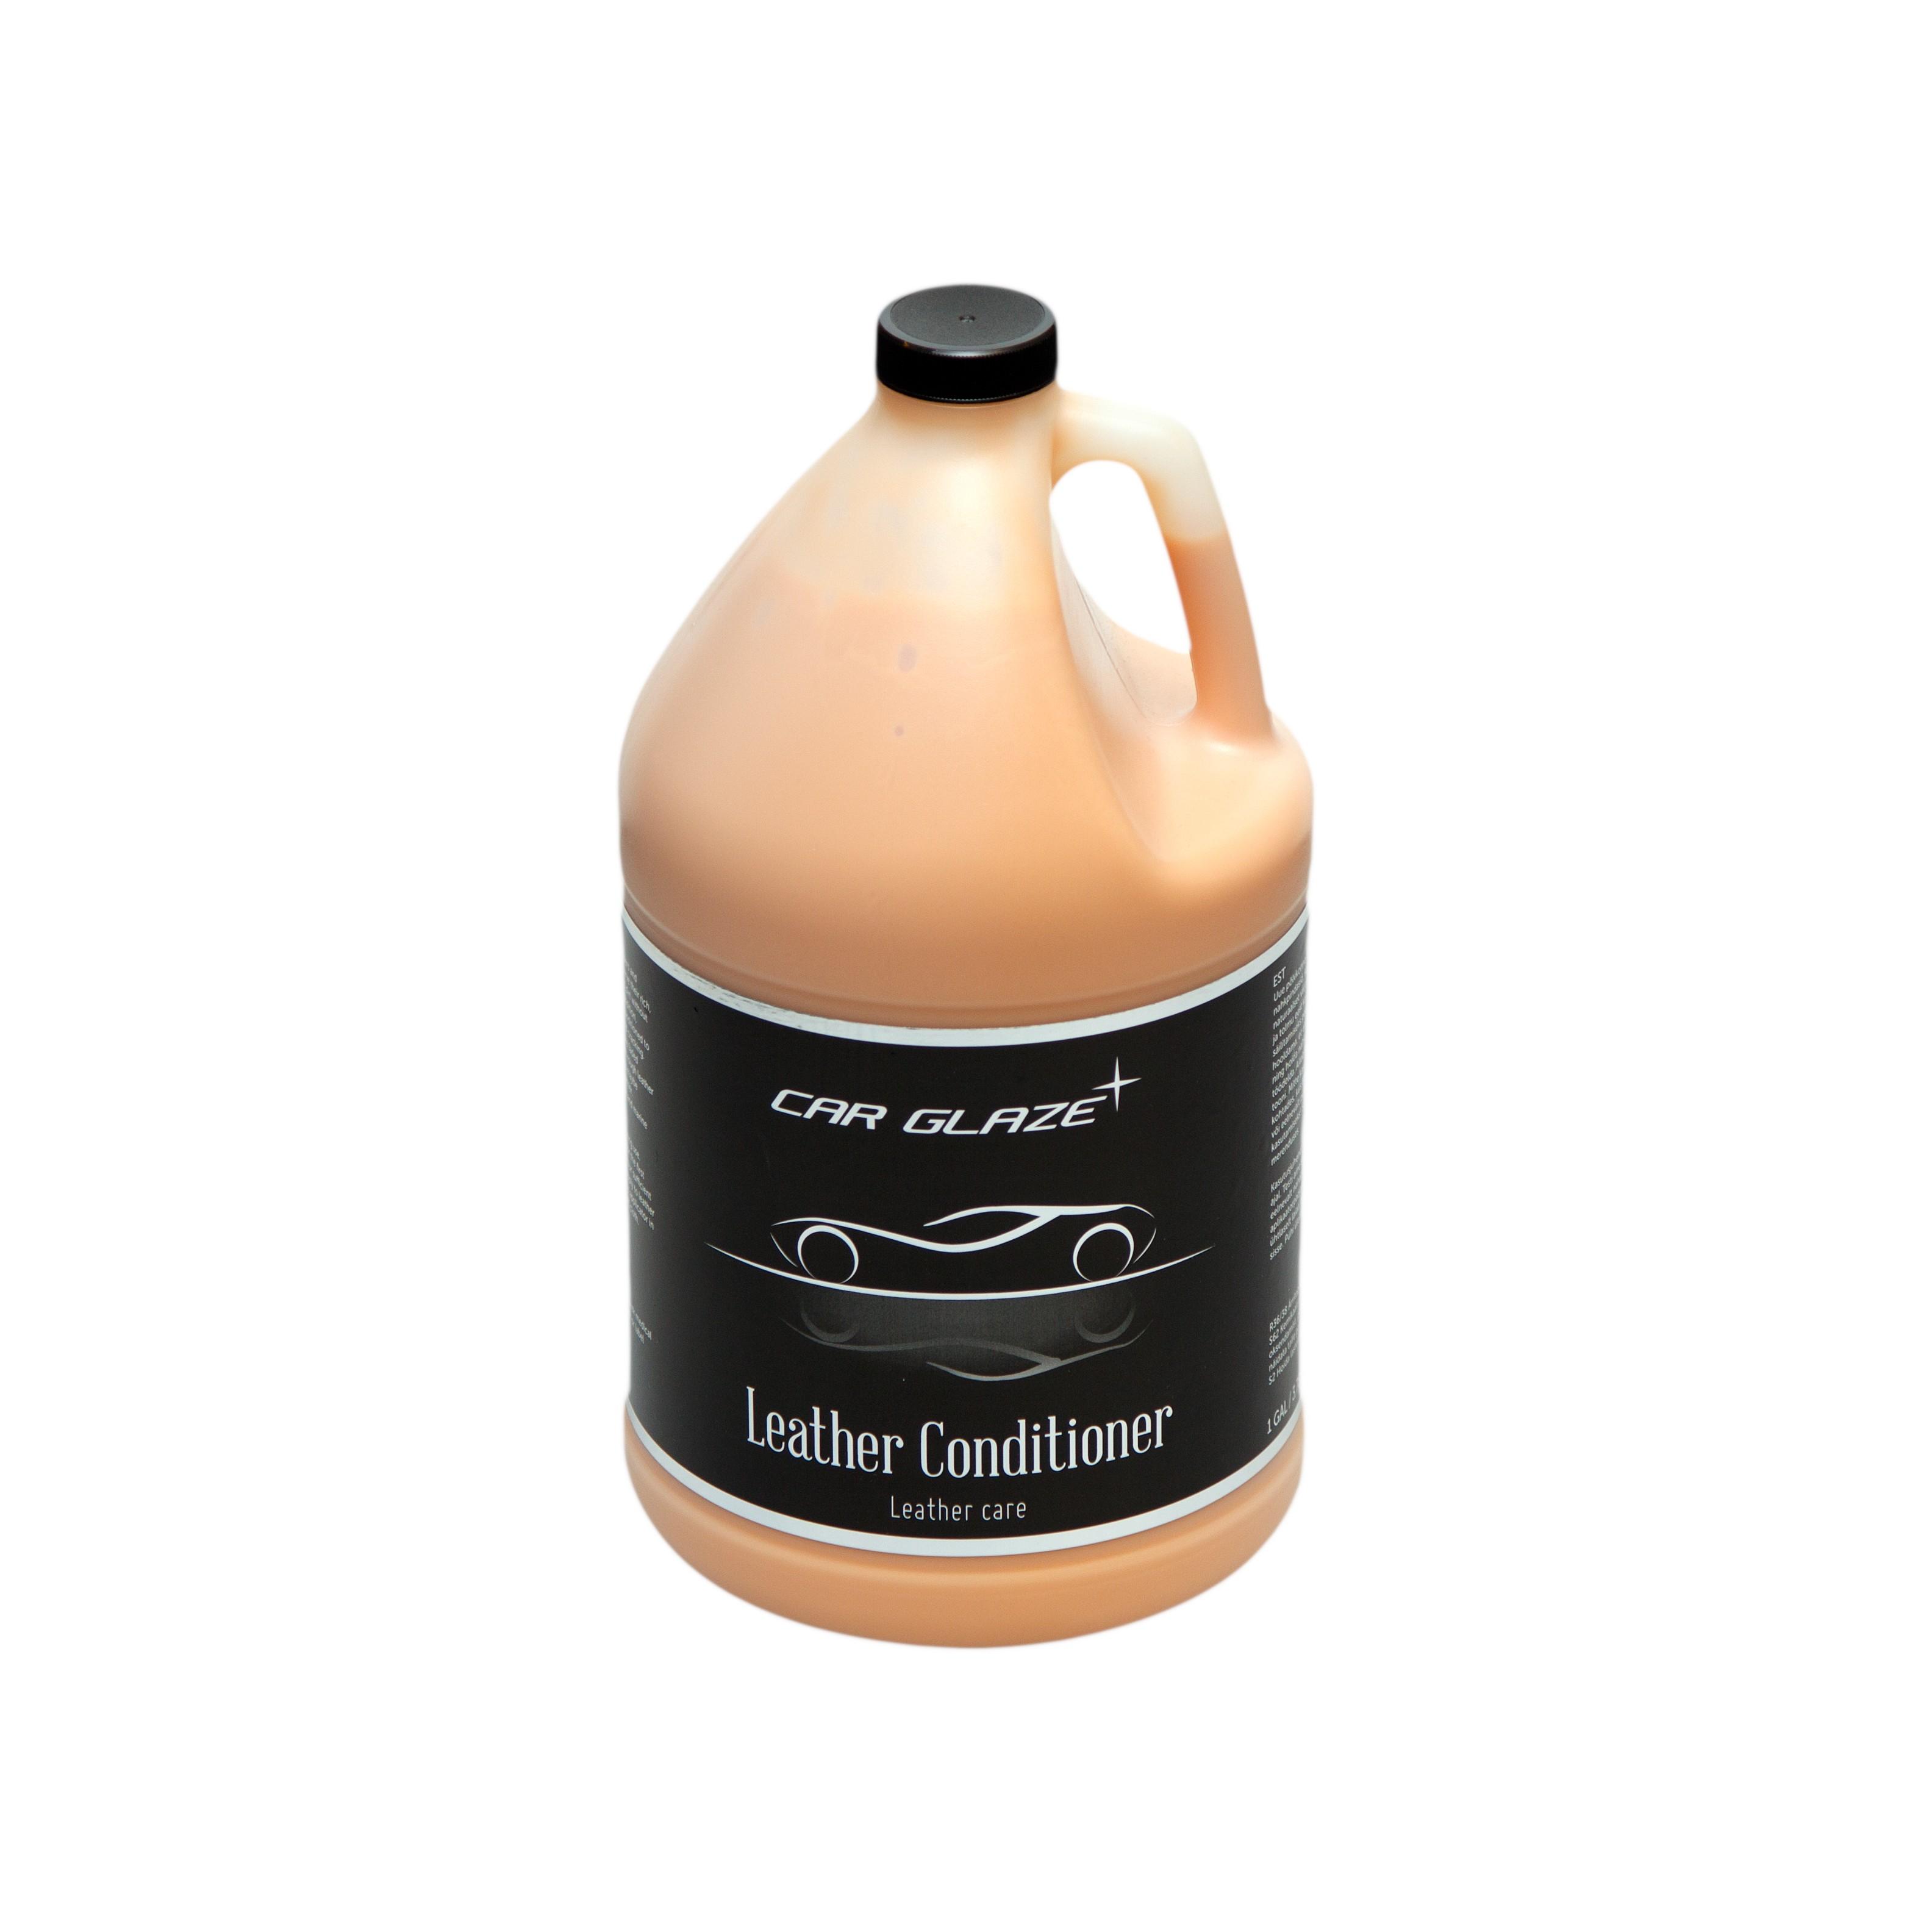 LEATHER CONDITIONER - Car Glaze - täiustatud retseptiga sügavniisutav nahakreem - nahavaha - naha pehmendaja - nahataastaja